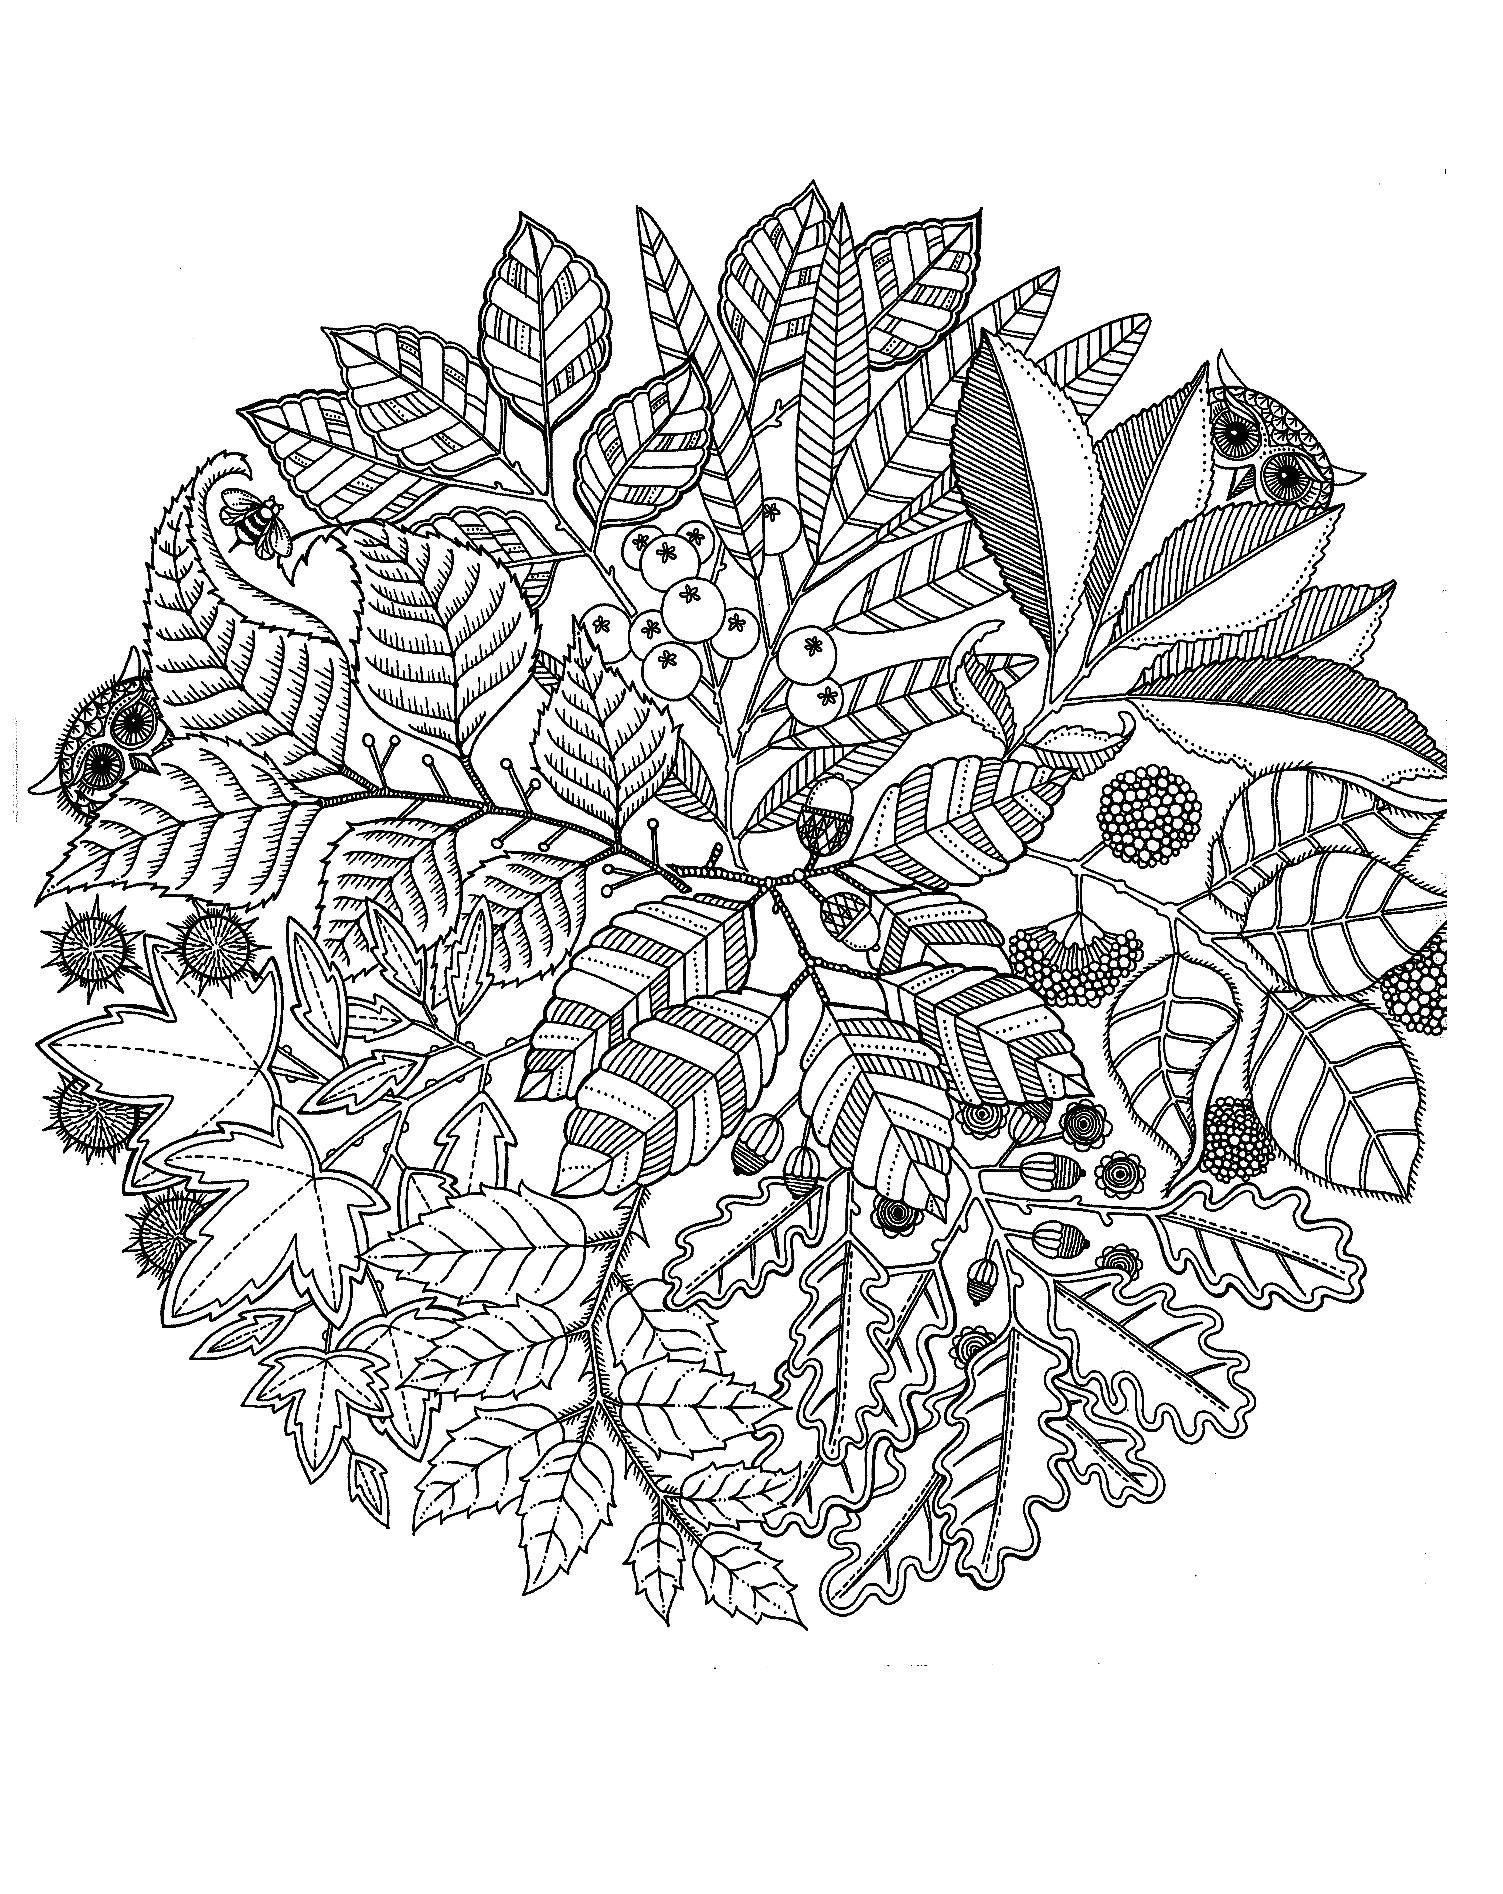 Pour imprimer ce coloriage gratuit coloriage adulte fleurs vegatation mandala cliquez sur l - Mandala adulte ...